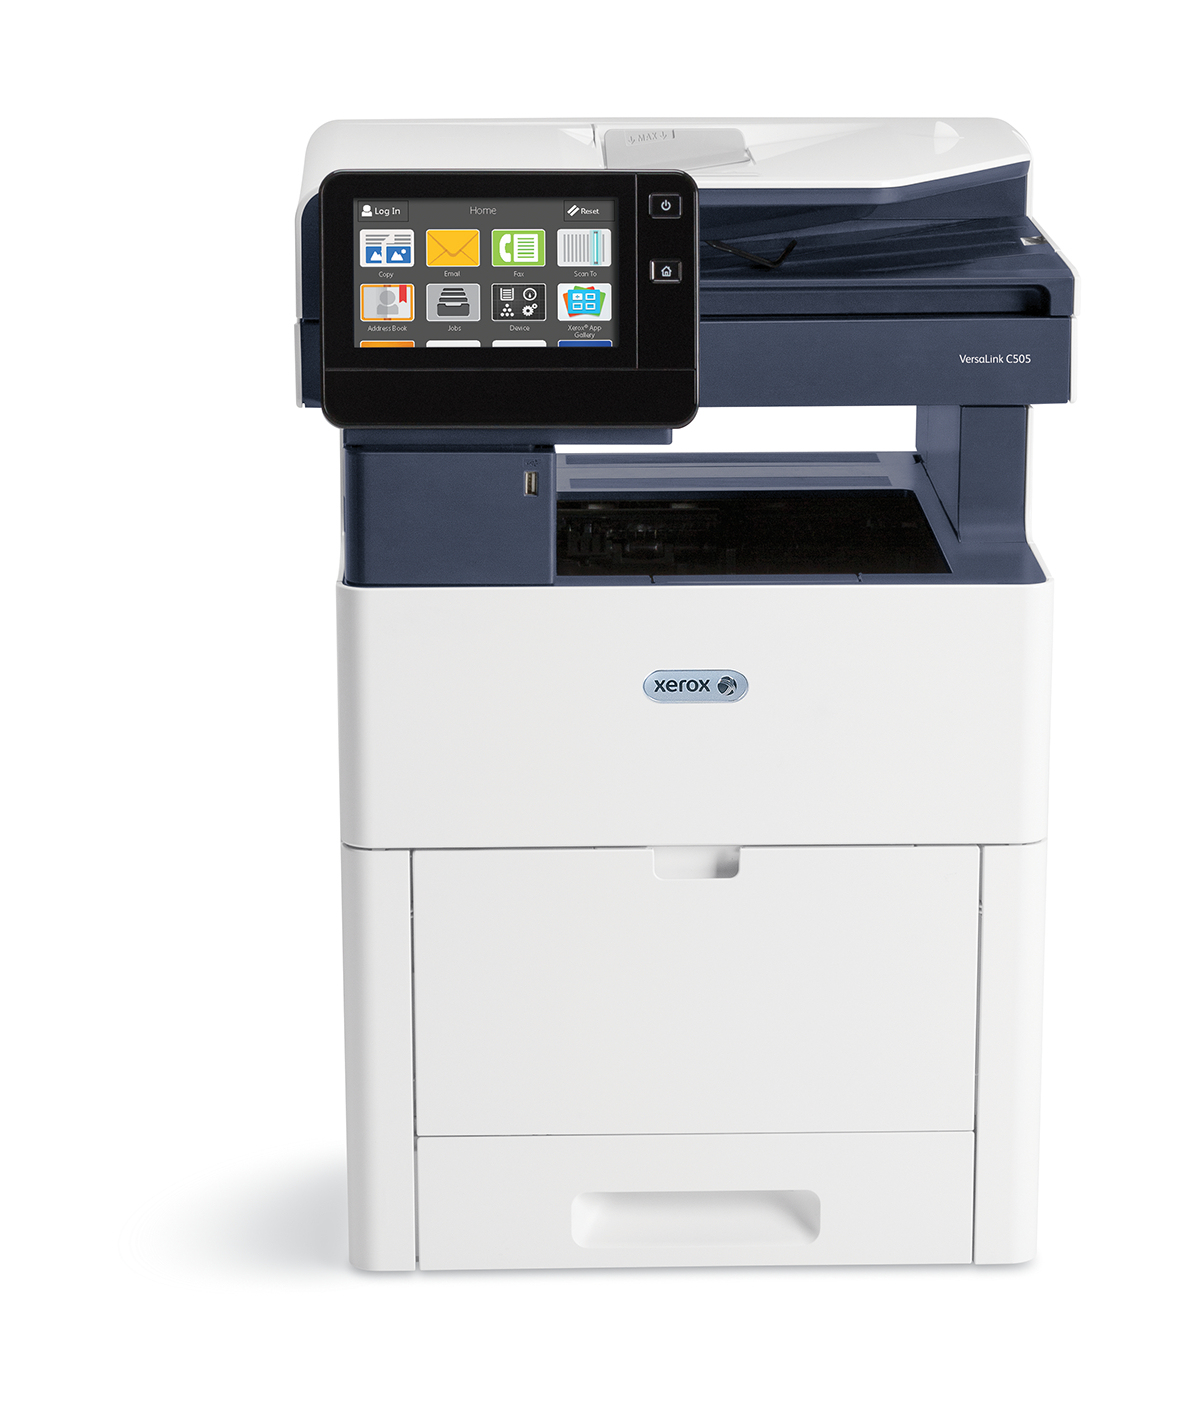 Xerox VersaLink C505 A4 45 ppm A doble cara Copia/Impresión/Escaneado Sin contrato PS3 PCL5e/6 2 bandejas 700 hojas (NO ADMITE ACABADORA)